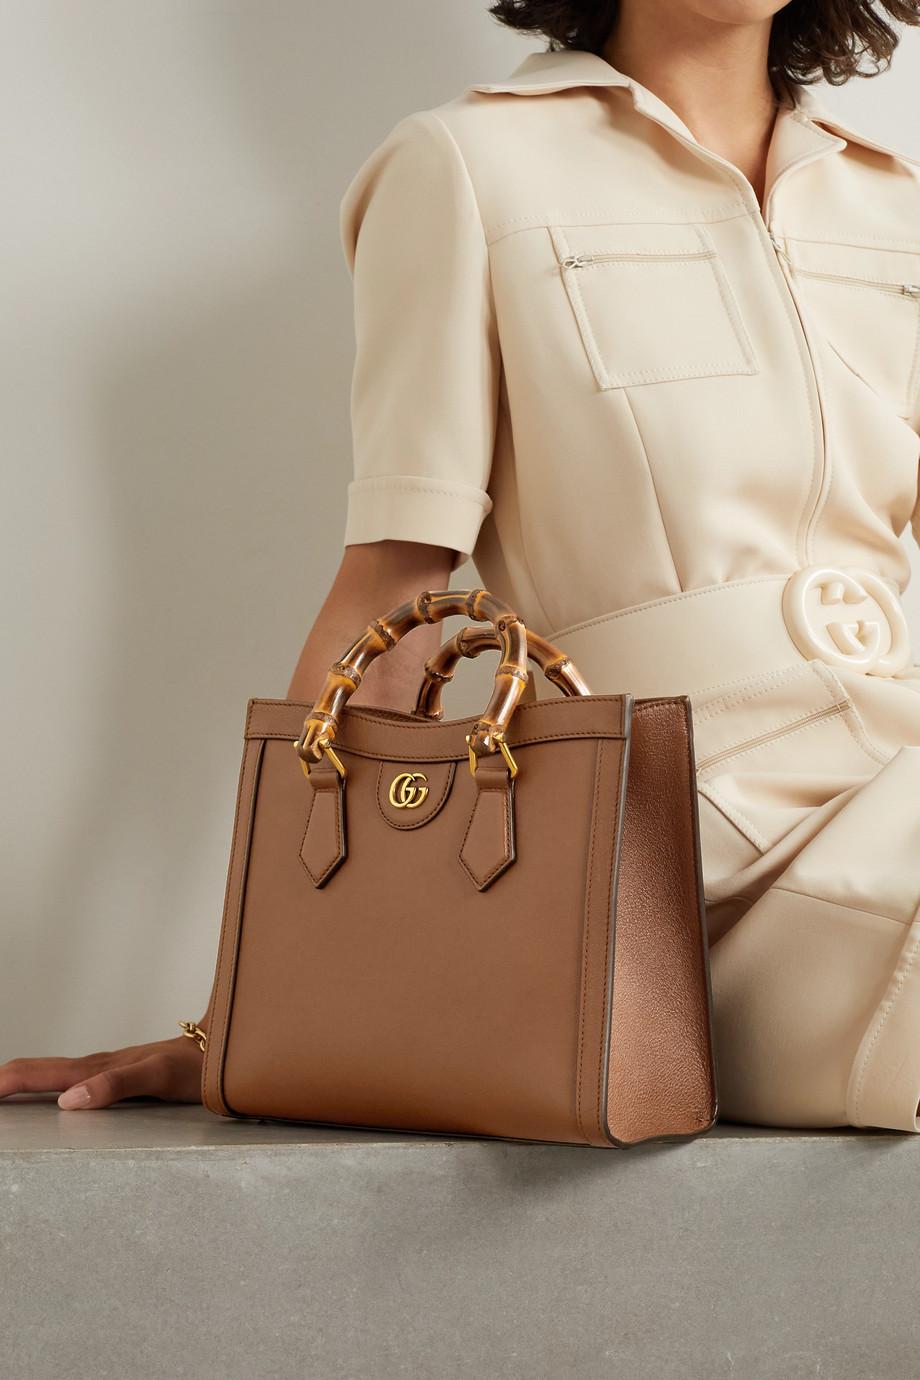 Gucci Sac à main en cuir texturé Diana Small